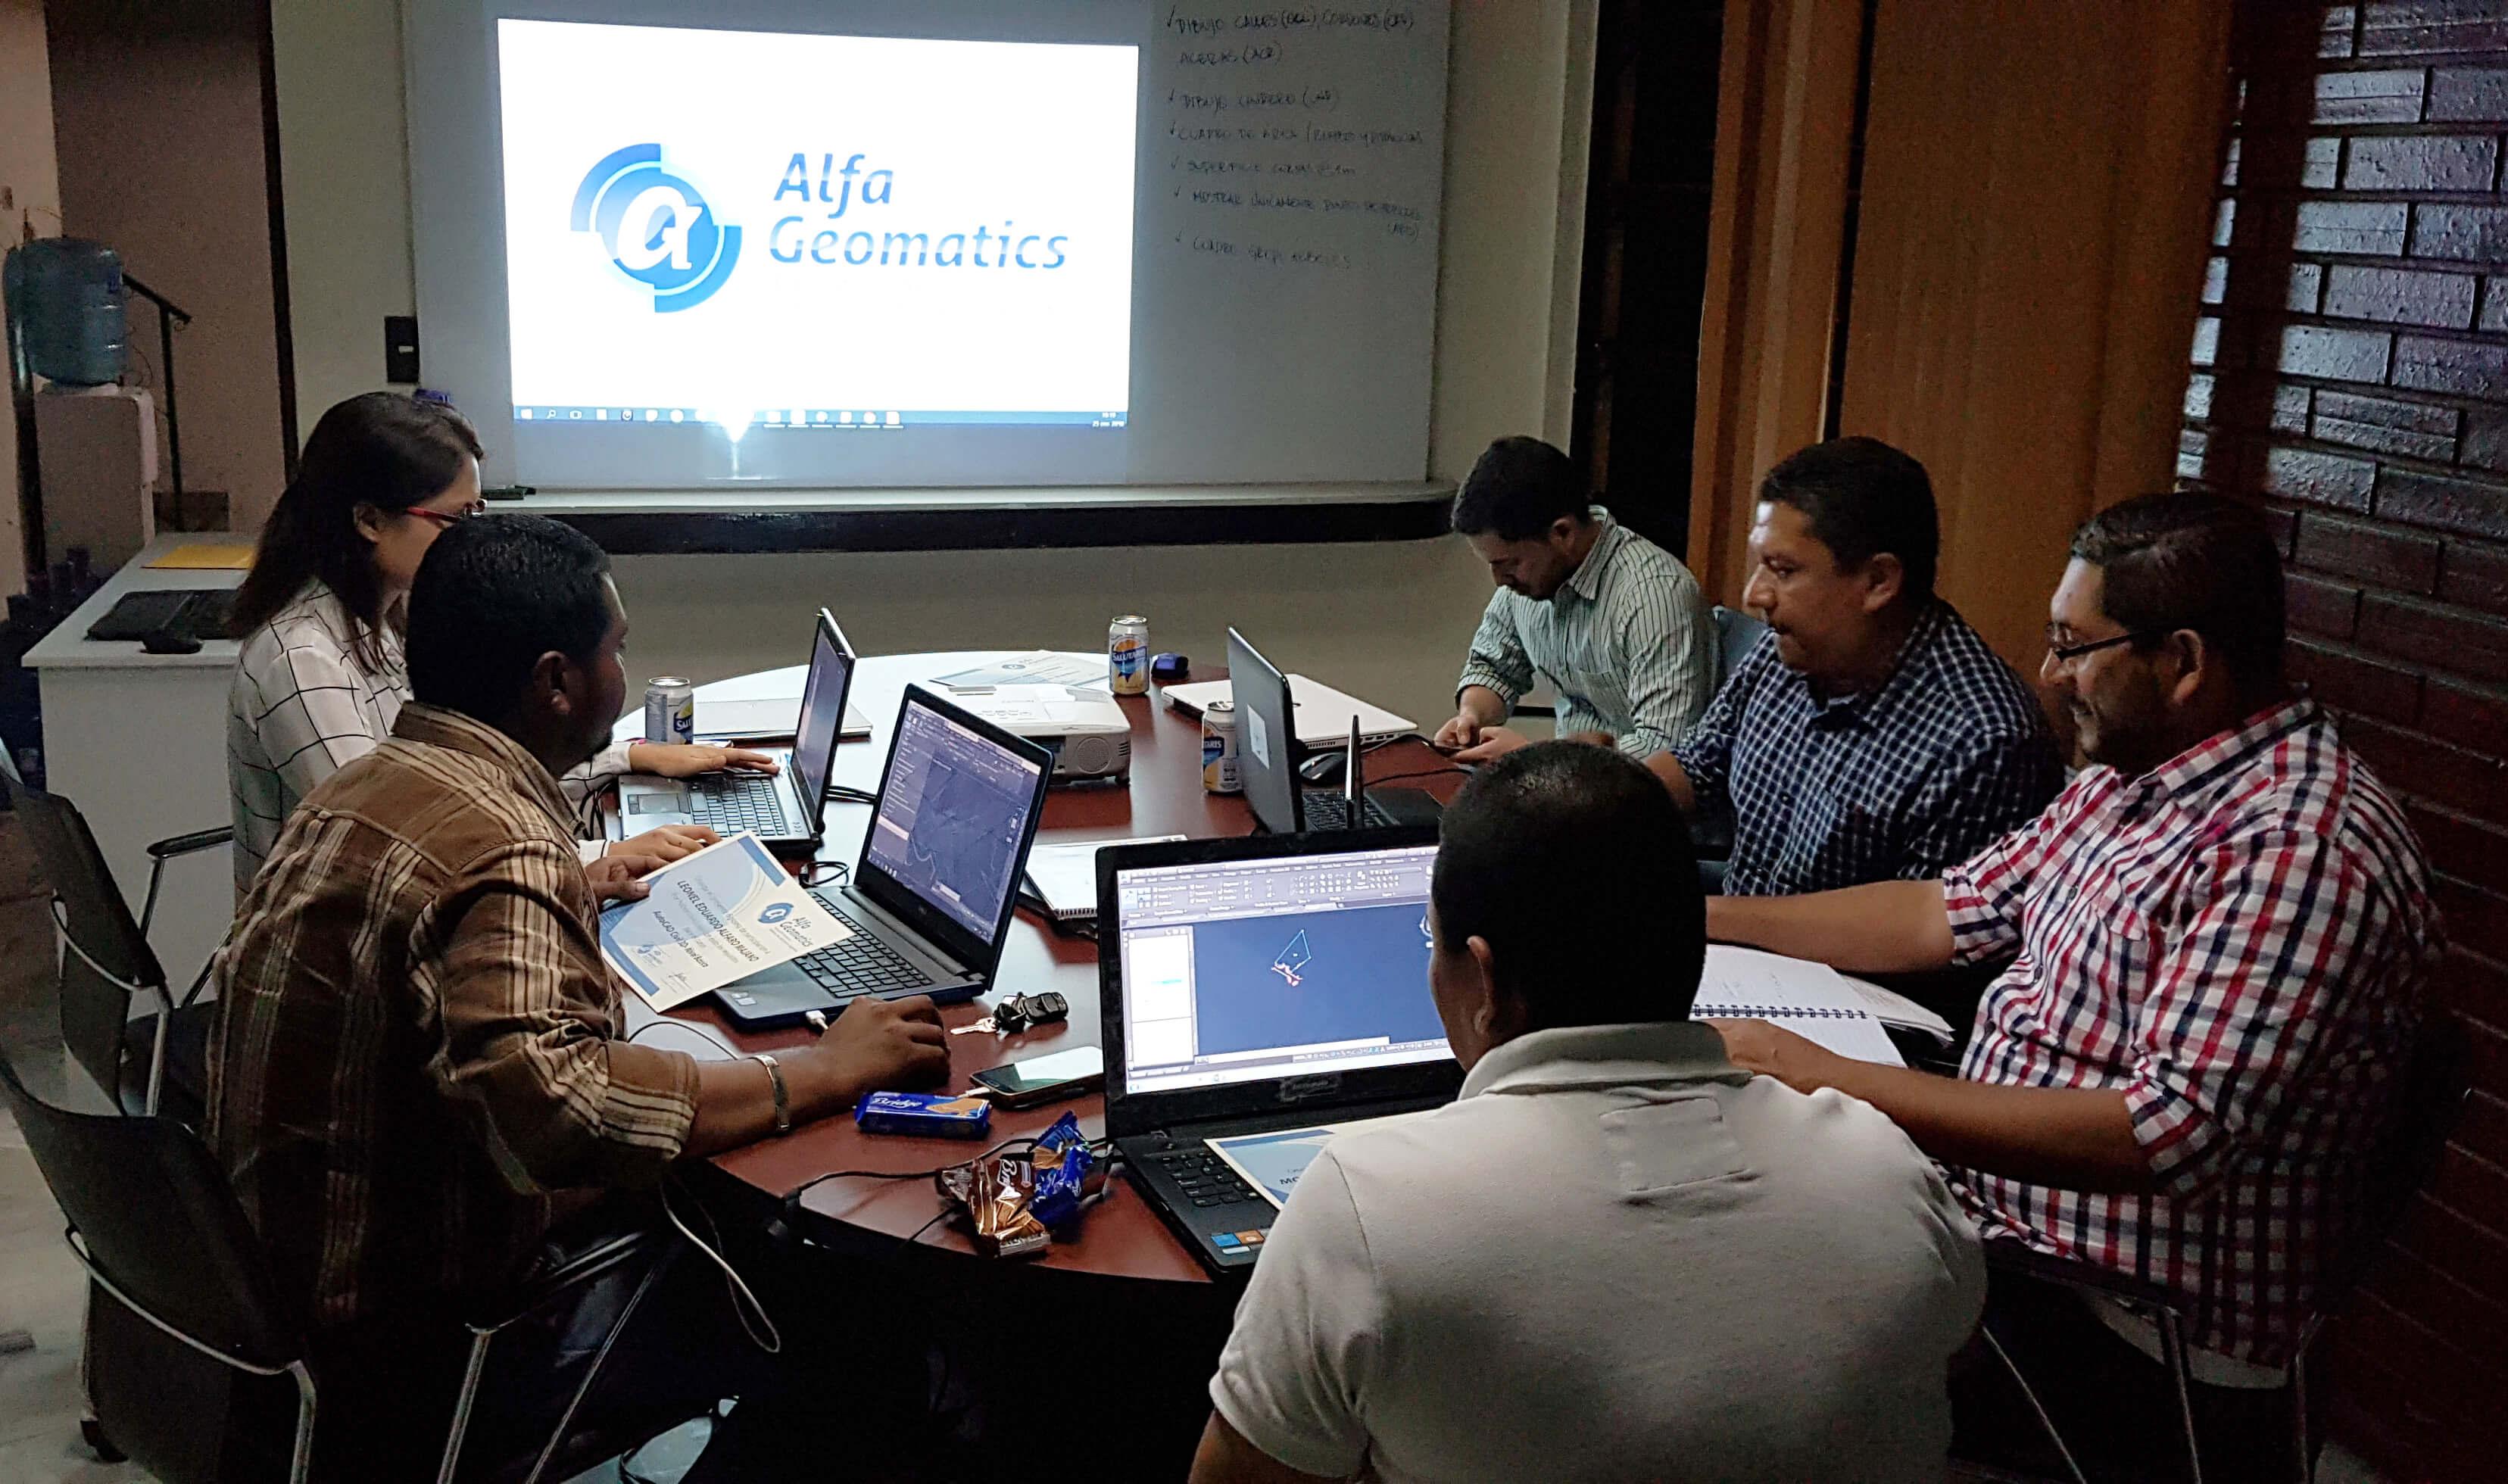 Curso de Civil 3D Alfa Geomatics